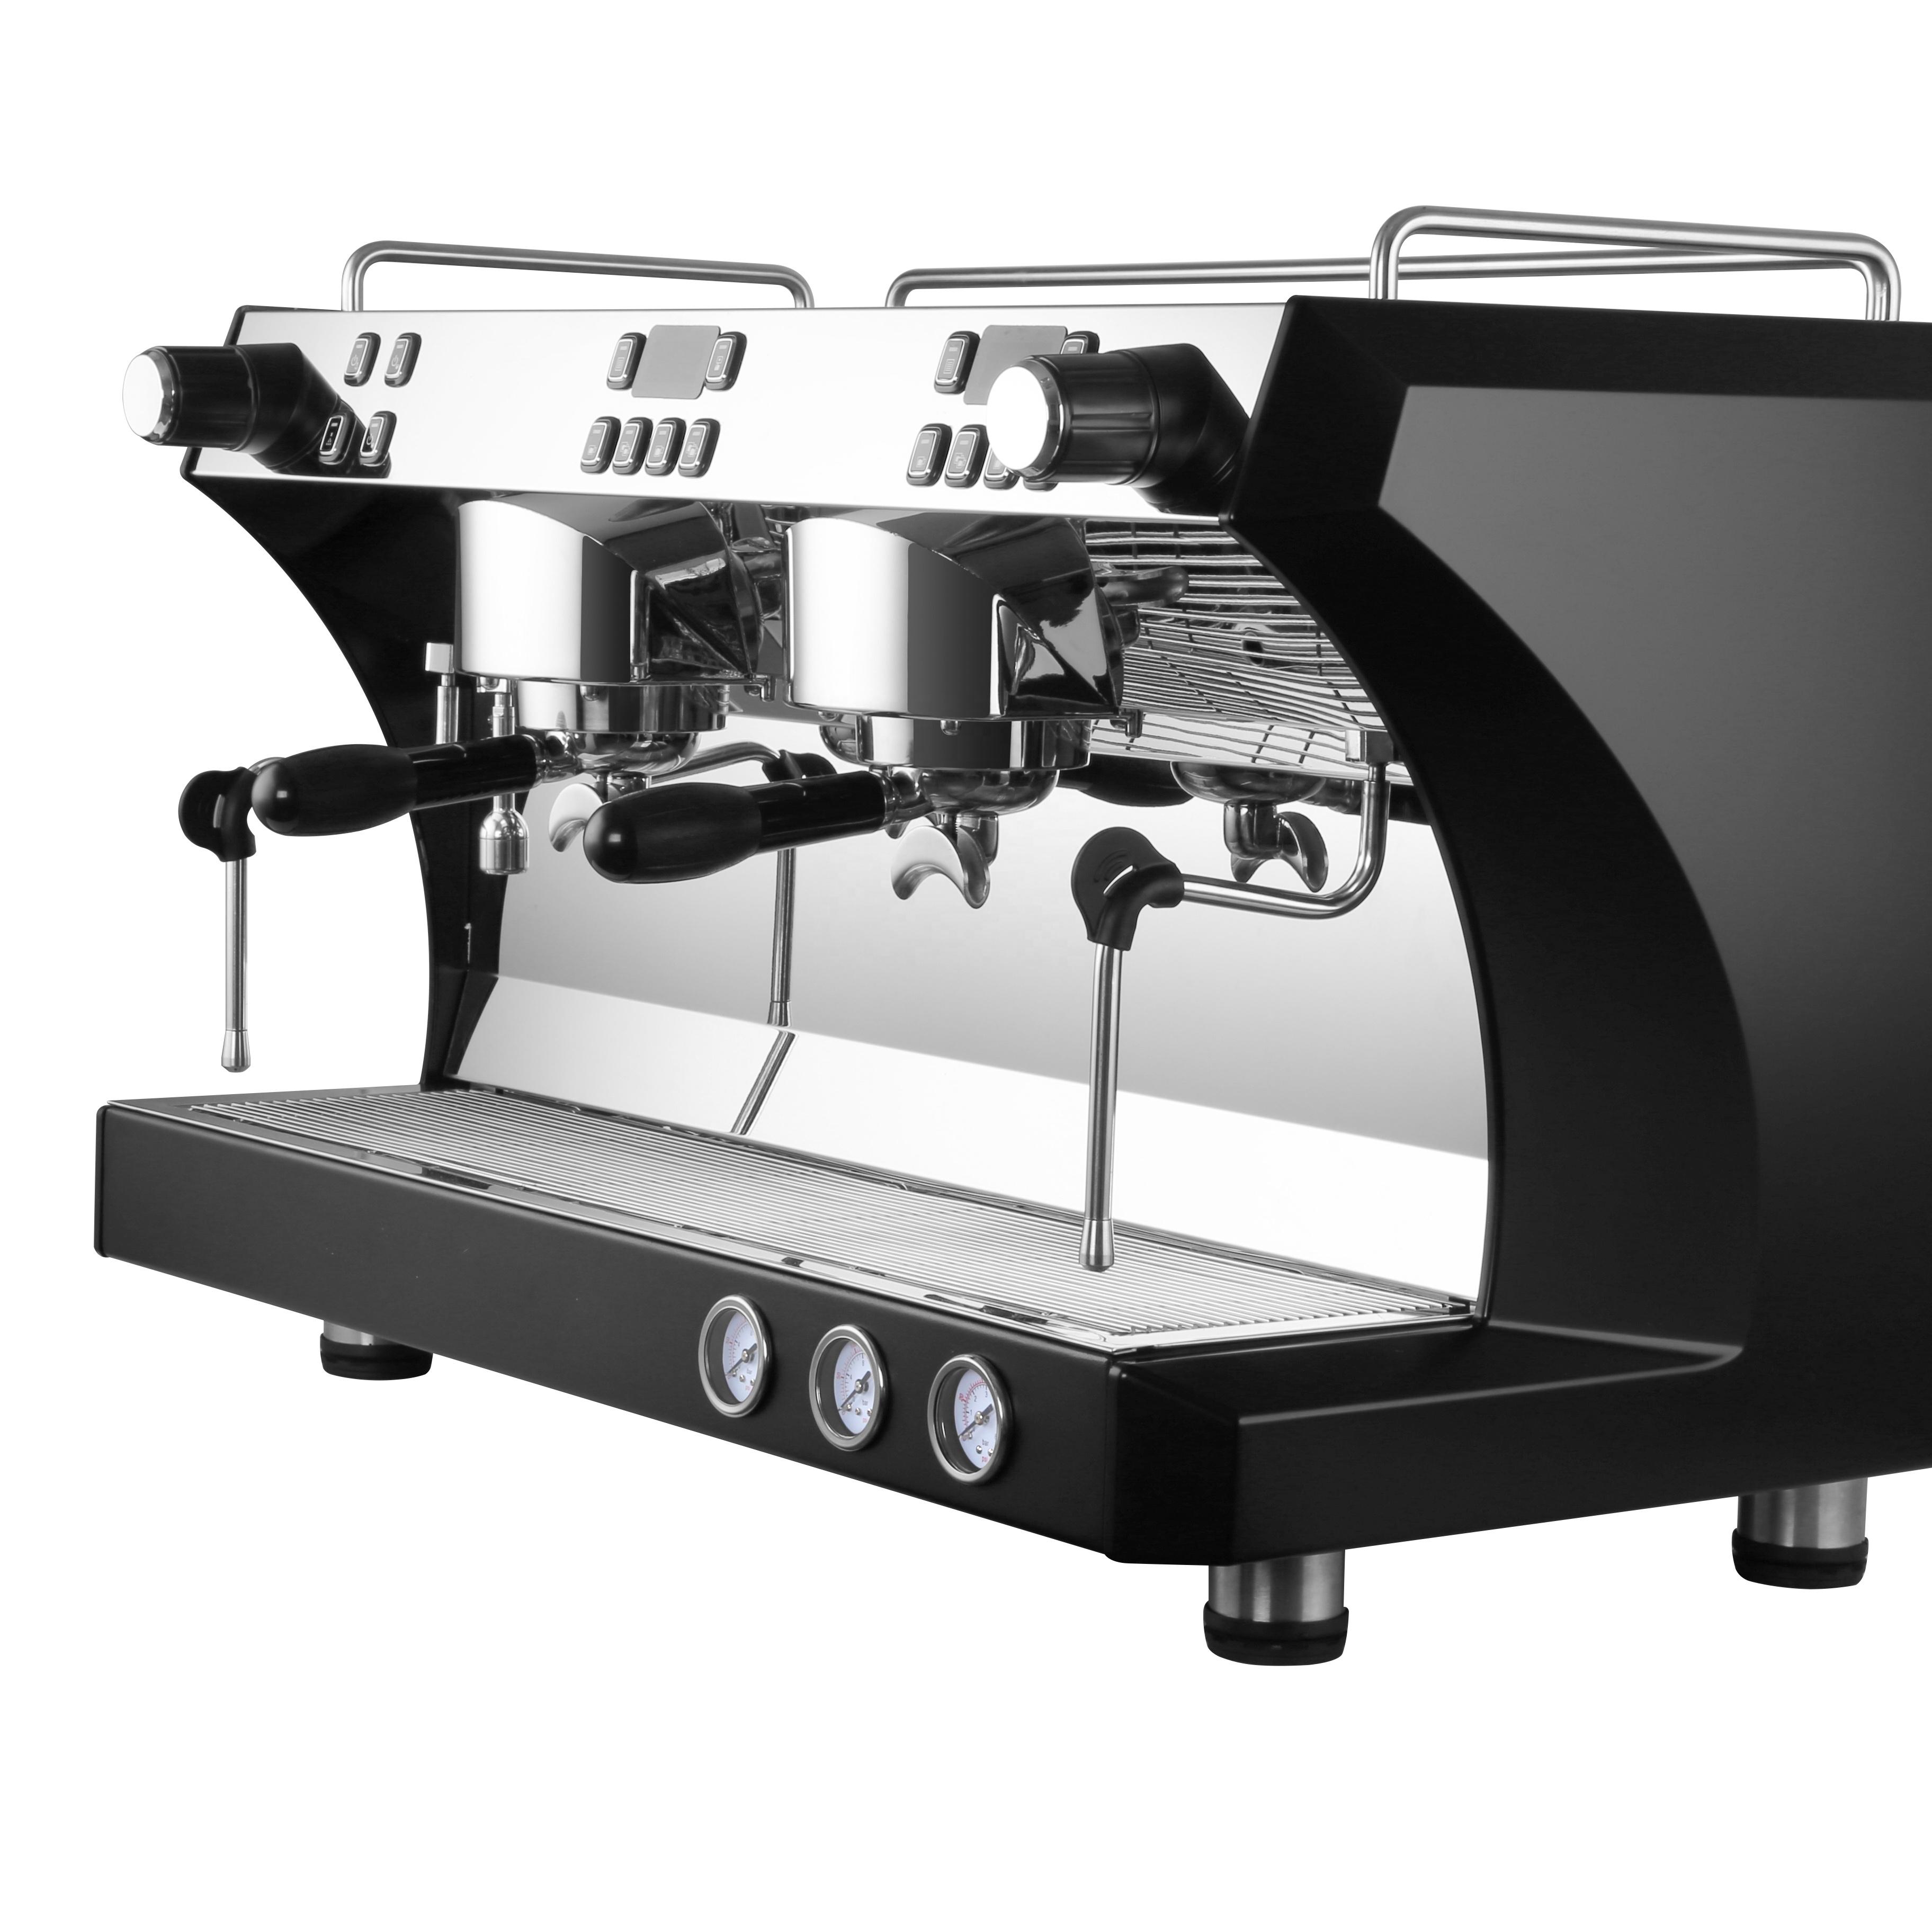 الصناعية ماكينة القهوة ماكينة صنع القهوة التجارية ماكينة القهوة 2020 الايطالية ماكينة القهوة Buy ماكينة القهوة الصناعية S ماكينة صنع القهوة التجارية ماكينة القهوة ماكينة القهوة المهنية مع S S